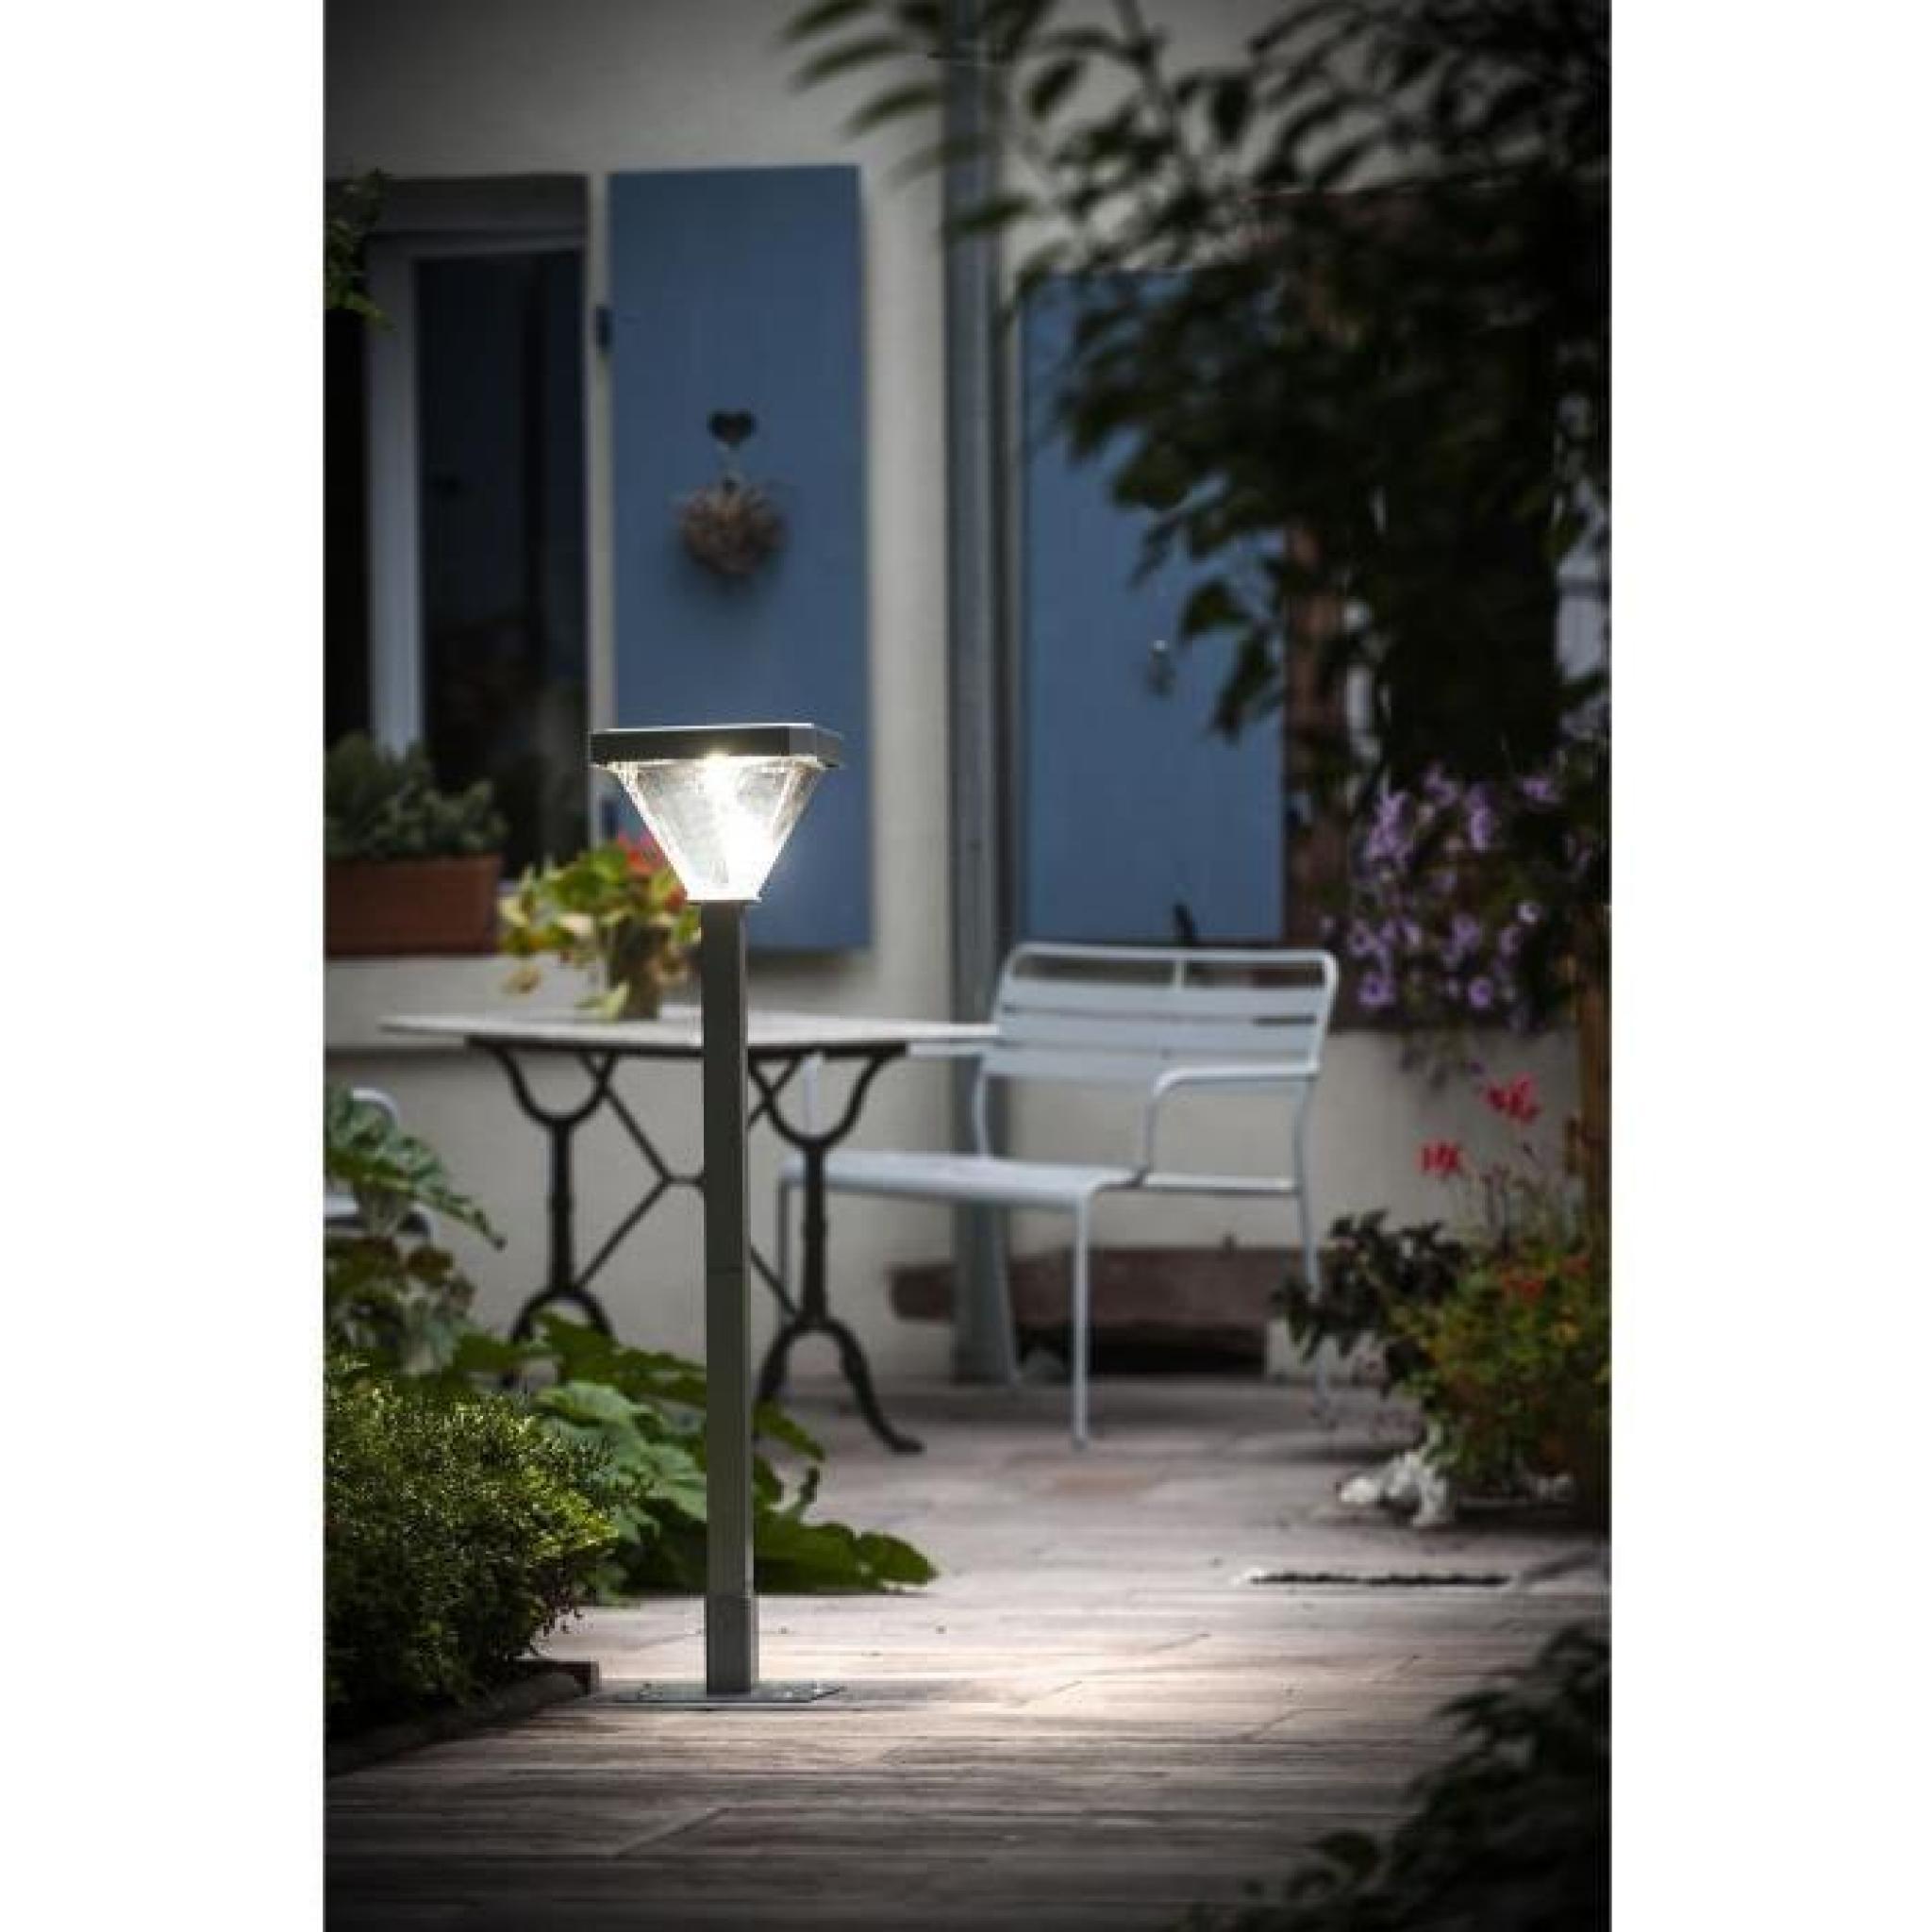 Lampe solaire de jardin pas cher 41106 jardin id es - Lampe solaire interieur pas cher ...